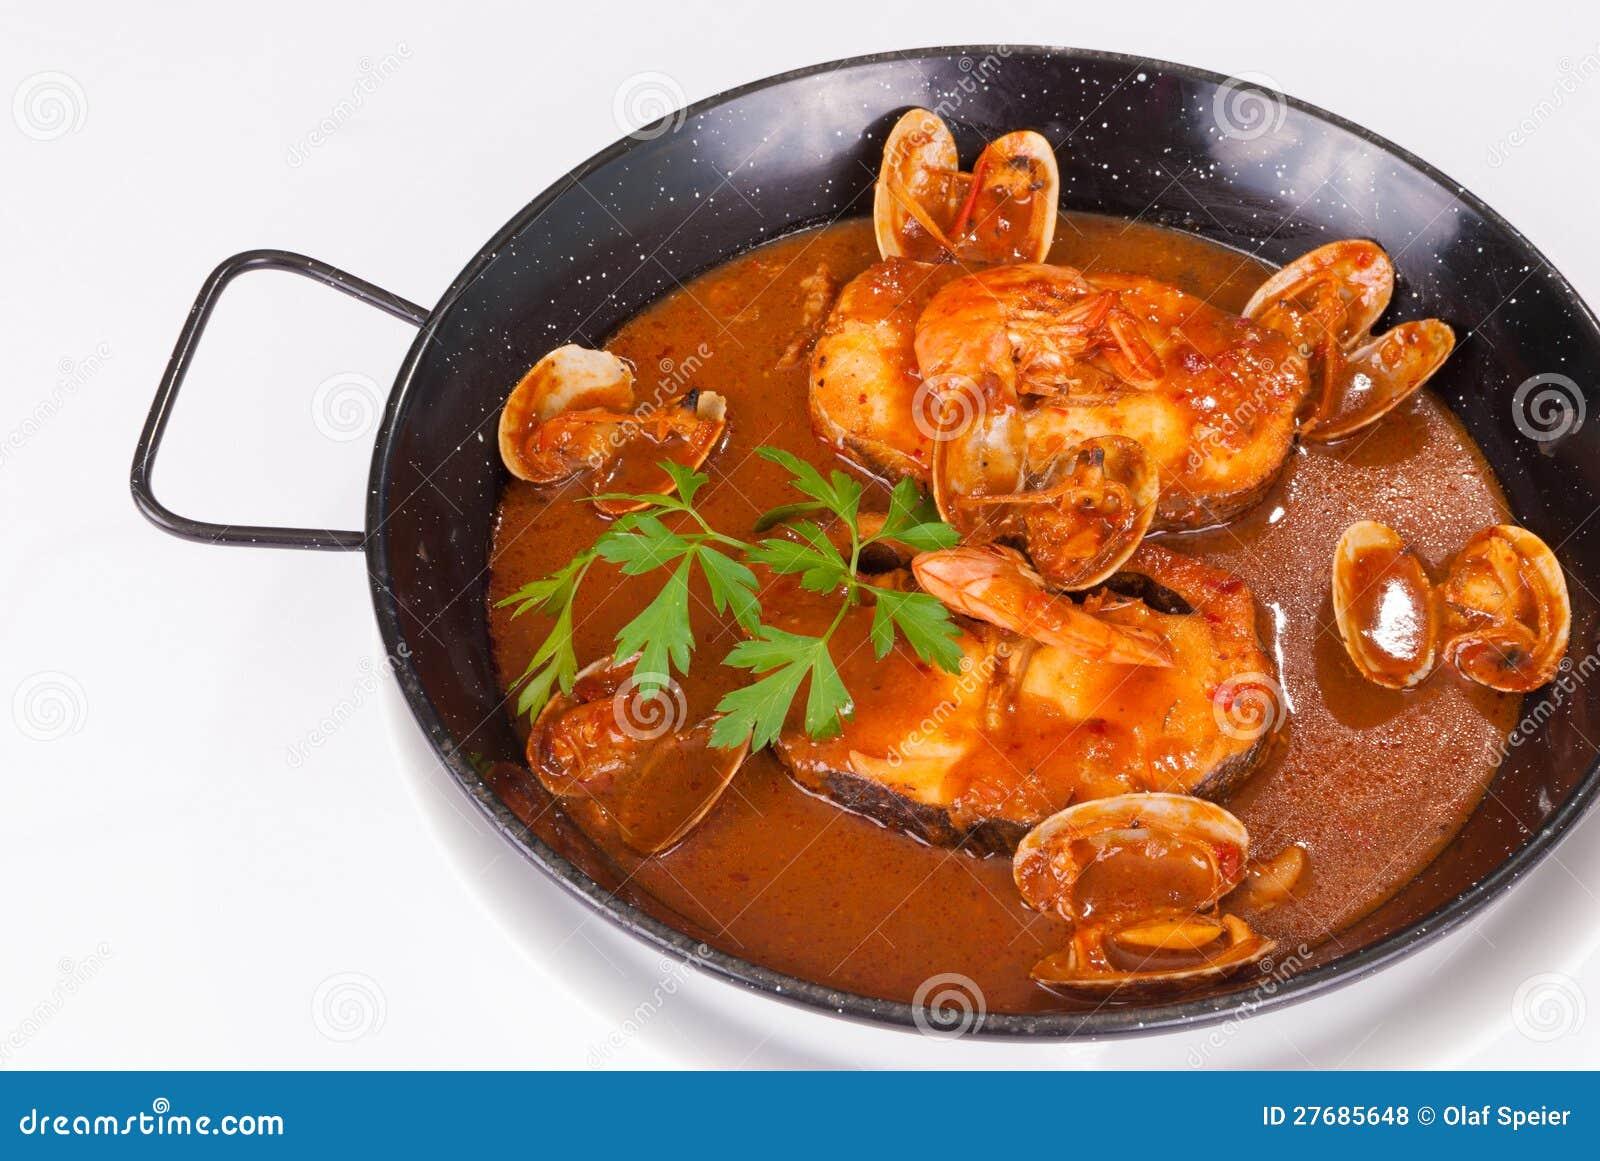 Hake pan